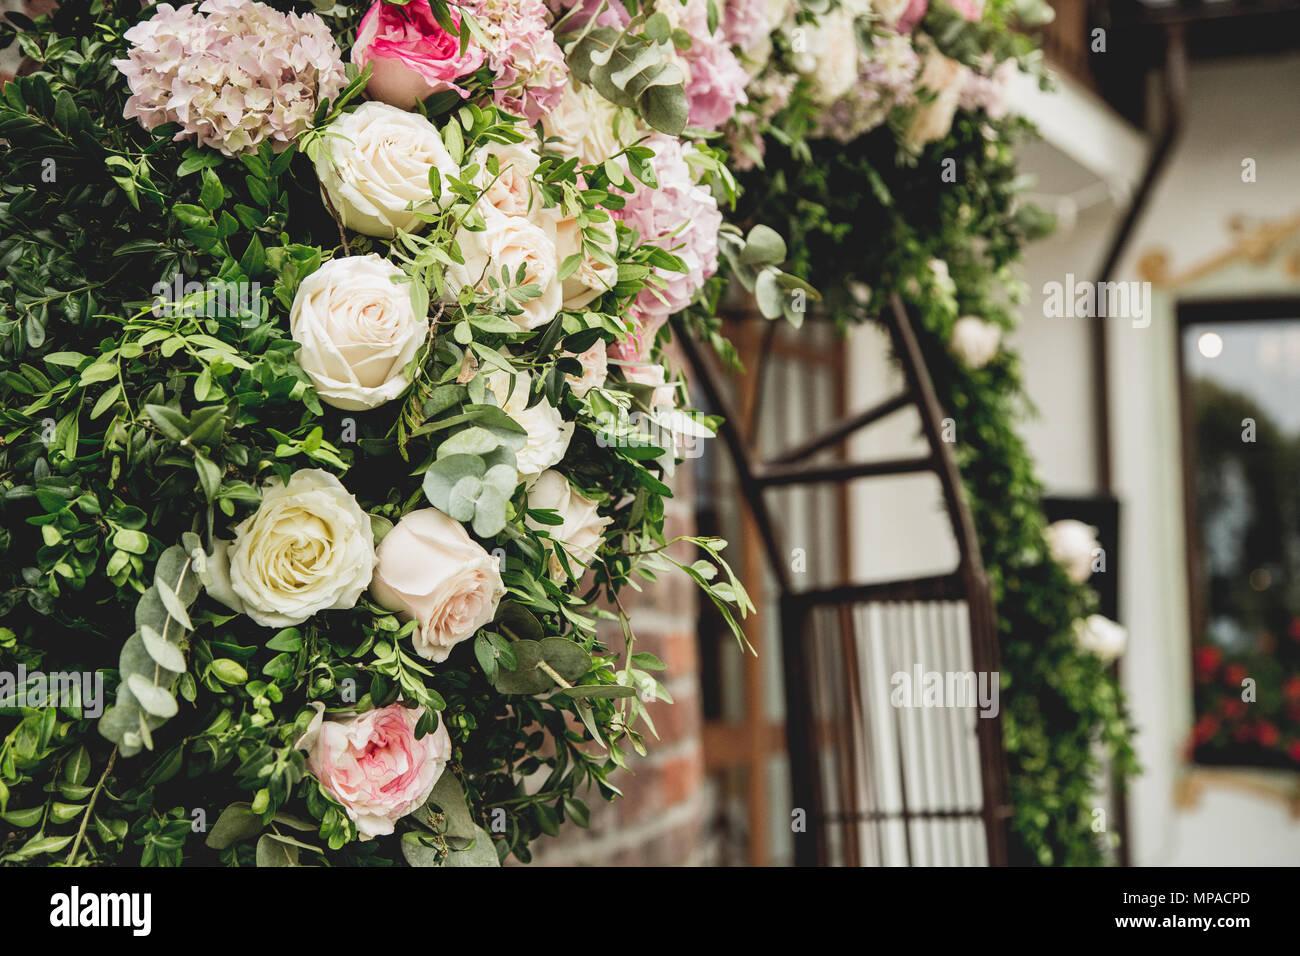 Hochzeit Dekoration Mit Kafig Auf Dem Tisch Stockfoto Bild